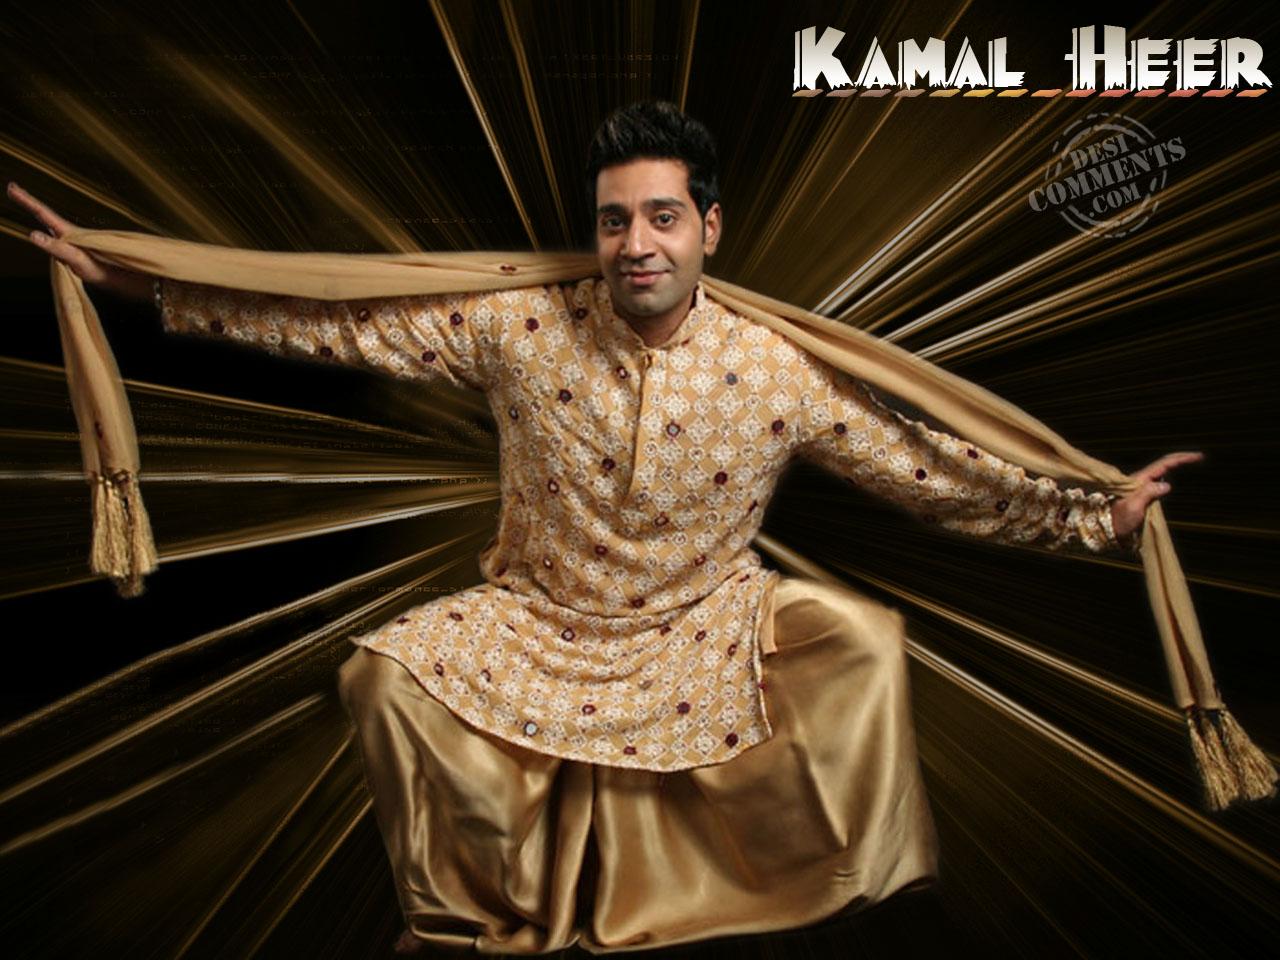 http://2.bp.blogspot.com/_-OHliQihc_o/TVUYlHmqmFI/AAAAAAAAAdc/mBAqR6oXYb4/s1600/Kamal-Heer-Wallpaper-2.jpg